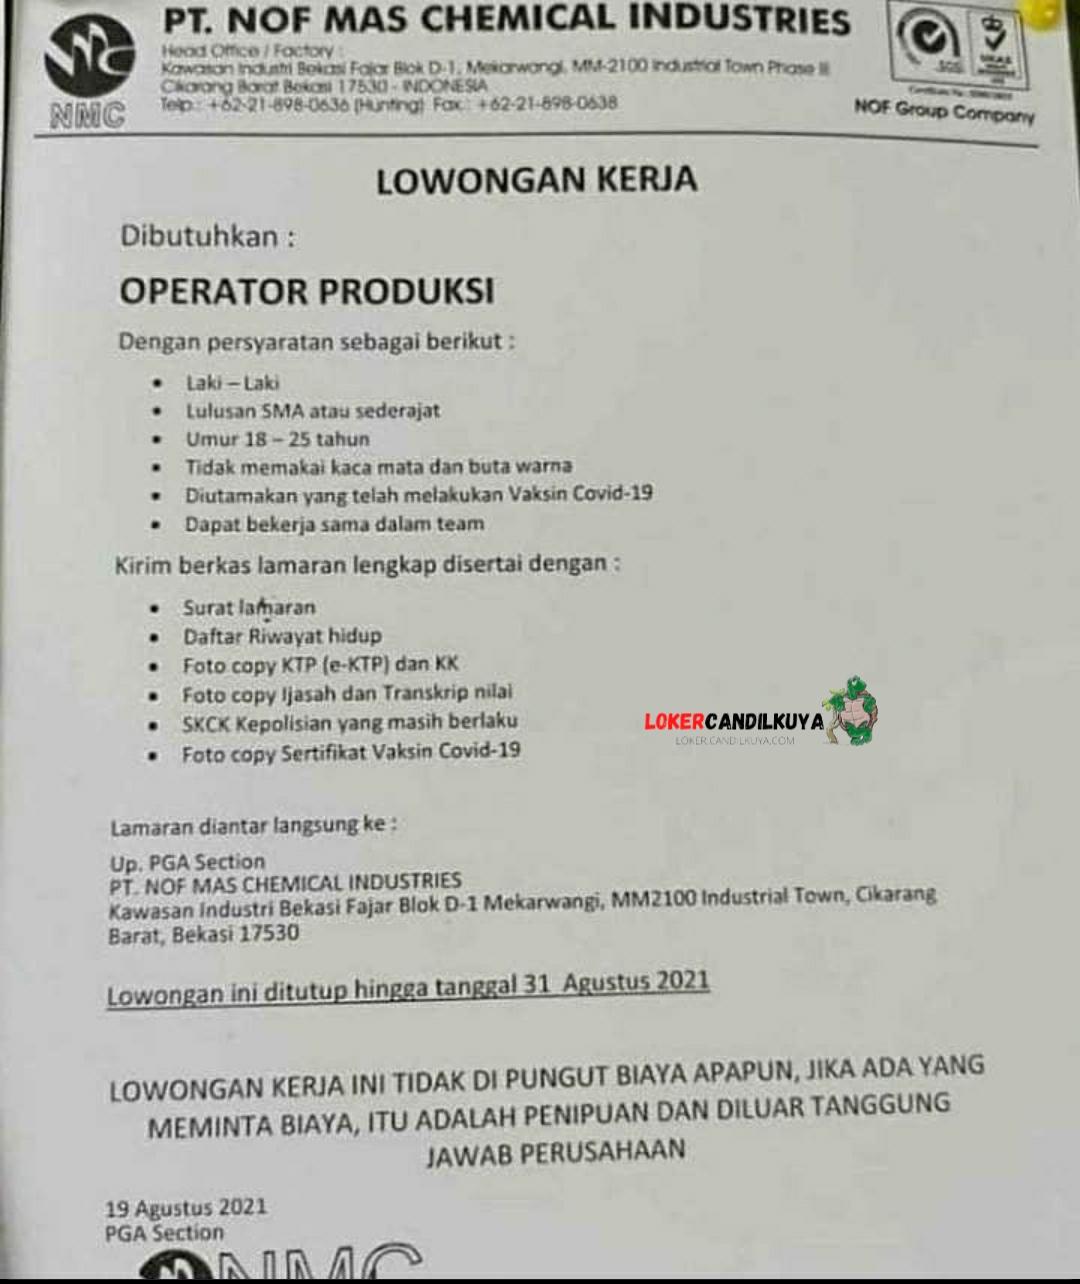 Lowongan Kerja PT Nof Mas Chemical Industries